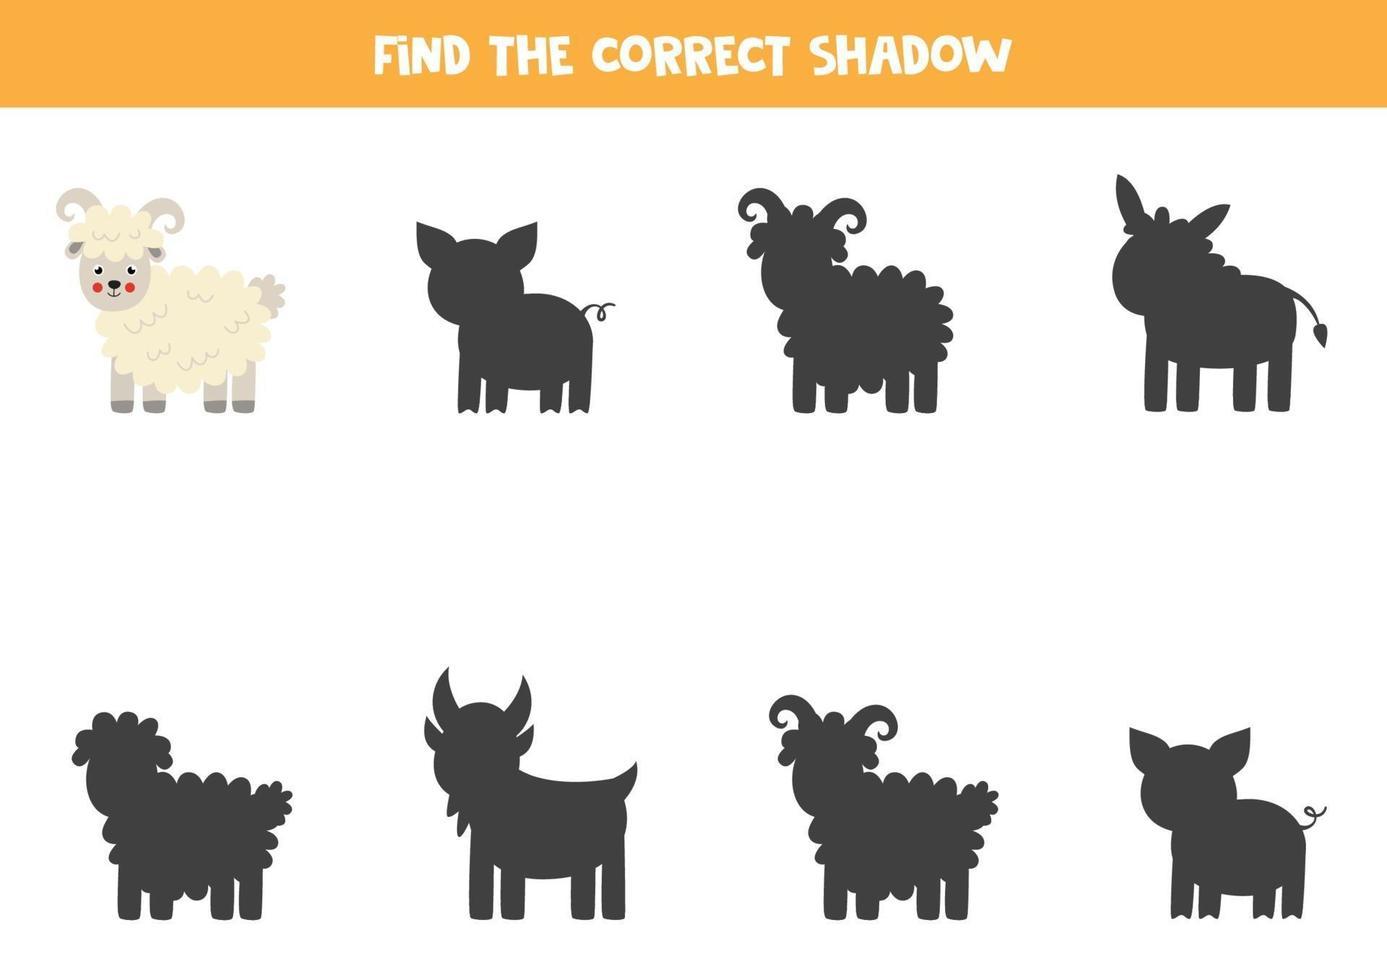 trouver la bonne ombre des moutons de ferme. puzzle logique pour les enfants. vecteur